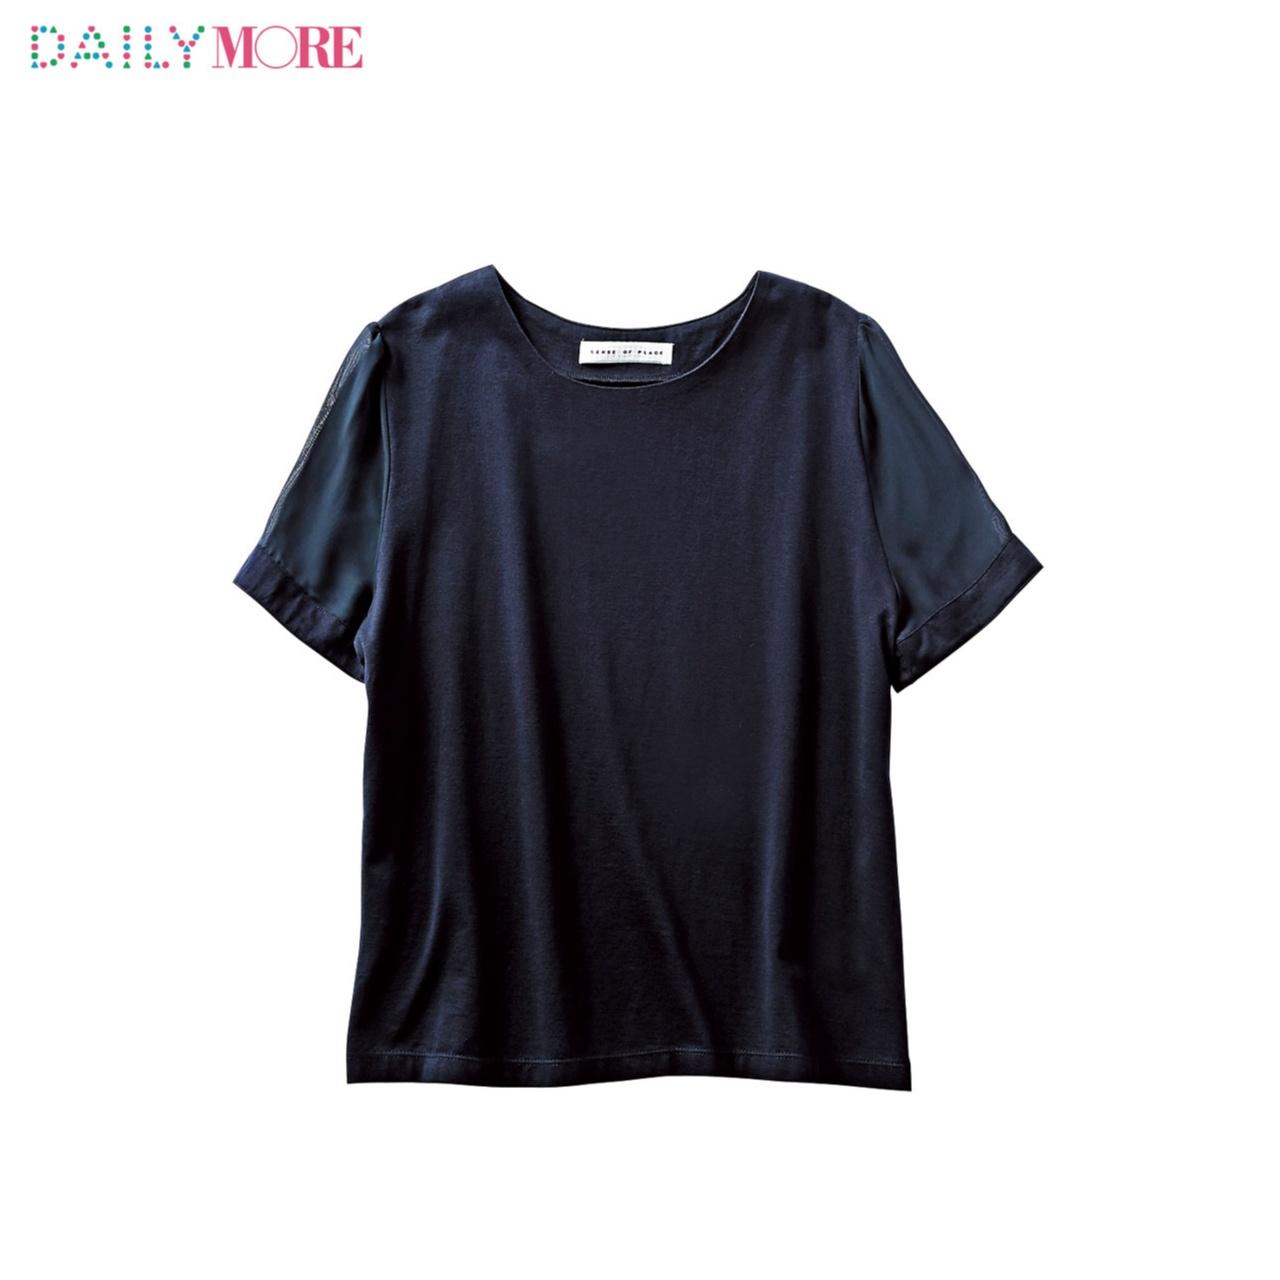 """Tシャツでお仕事行けちゃうの!? """"きちんと見え""""するネイビーTシャツで通勤しよ!_1"""